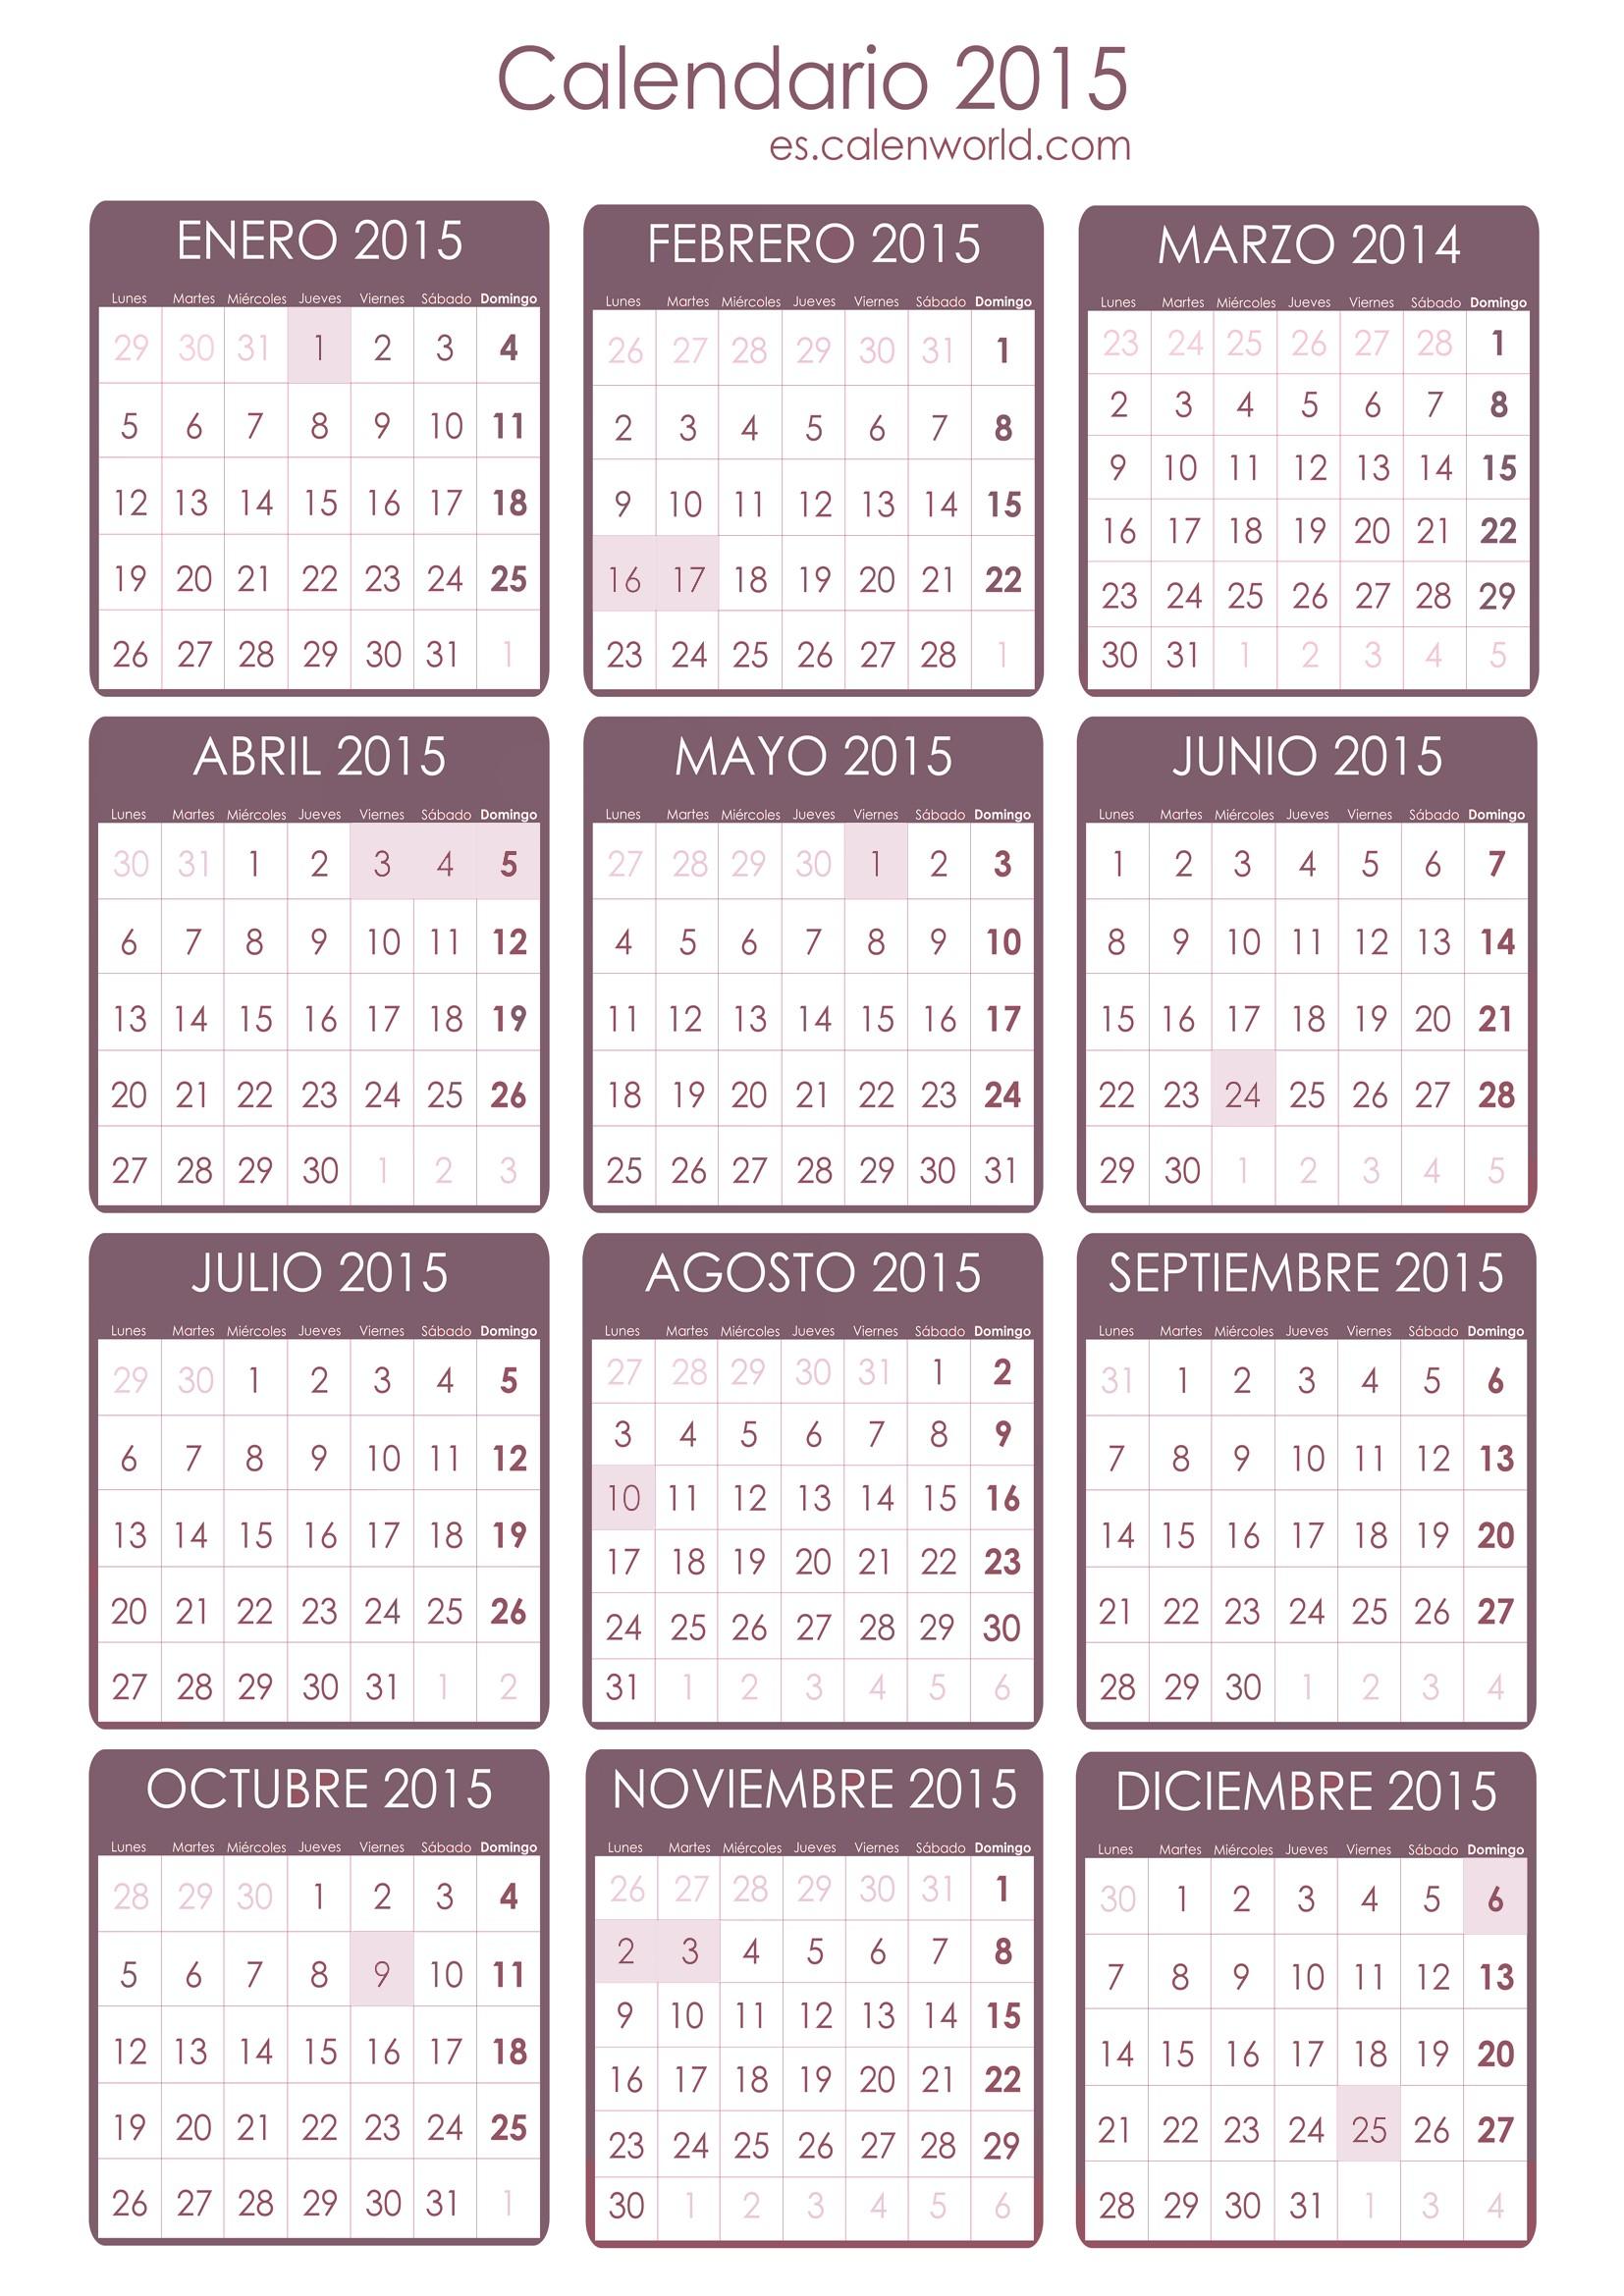 calendario de feriados en ecuador 2015 calendarios